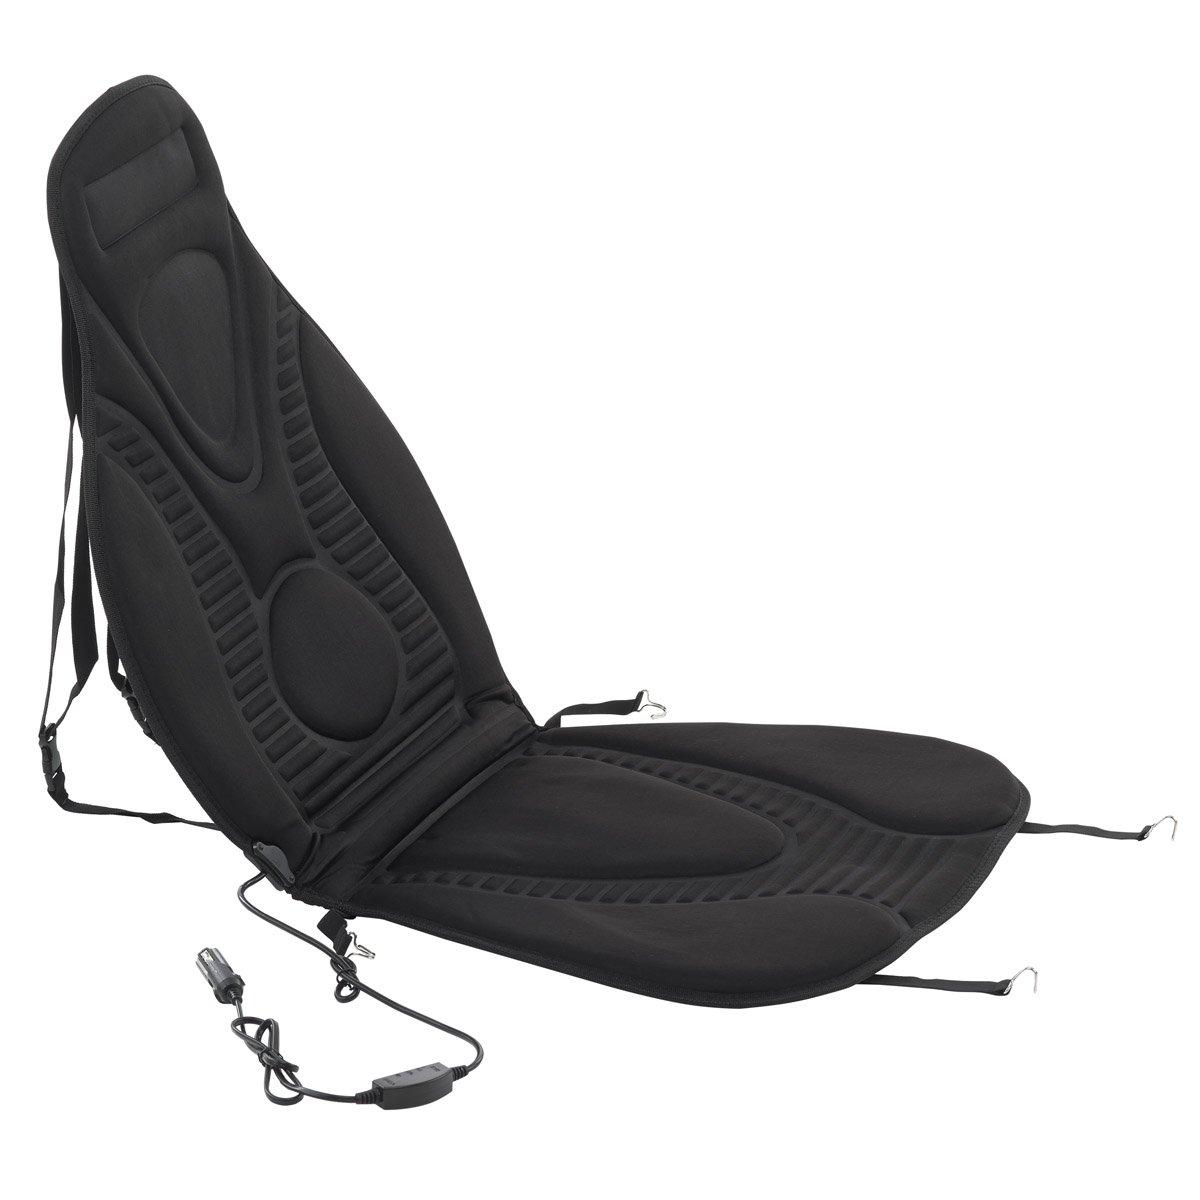 2er-Set Dino 130047 Beheizbare Sitzauflage mit 2 Heizstufen